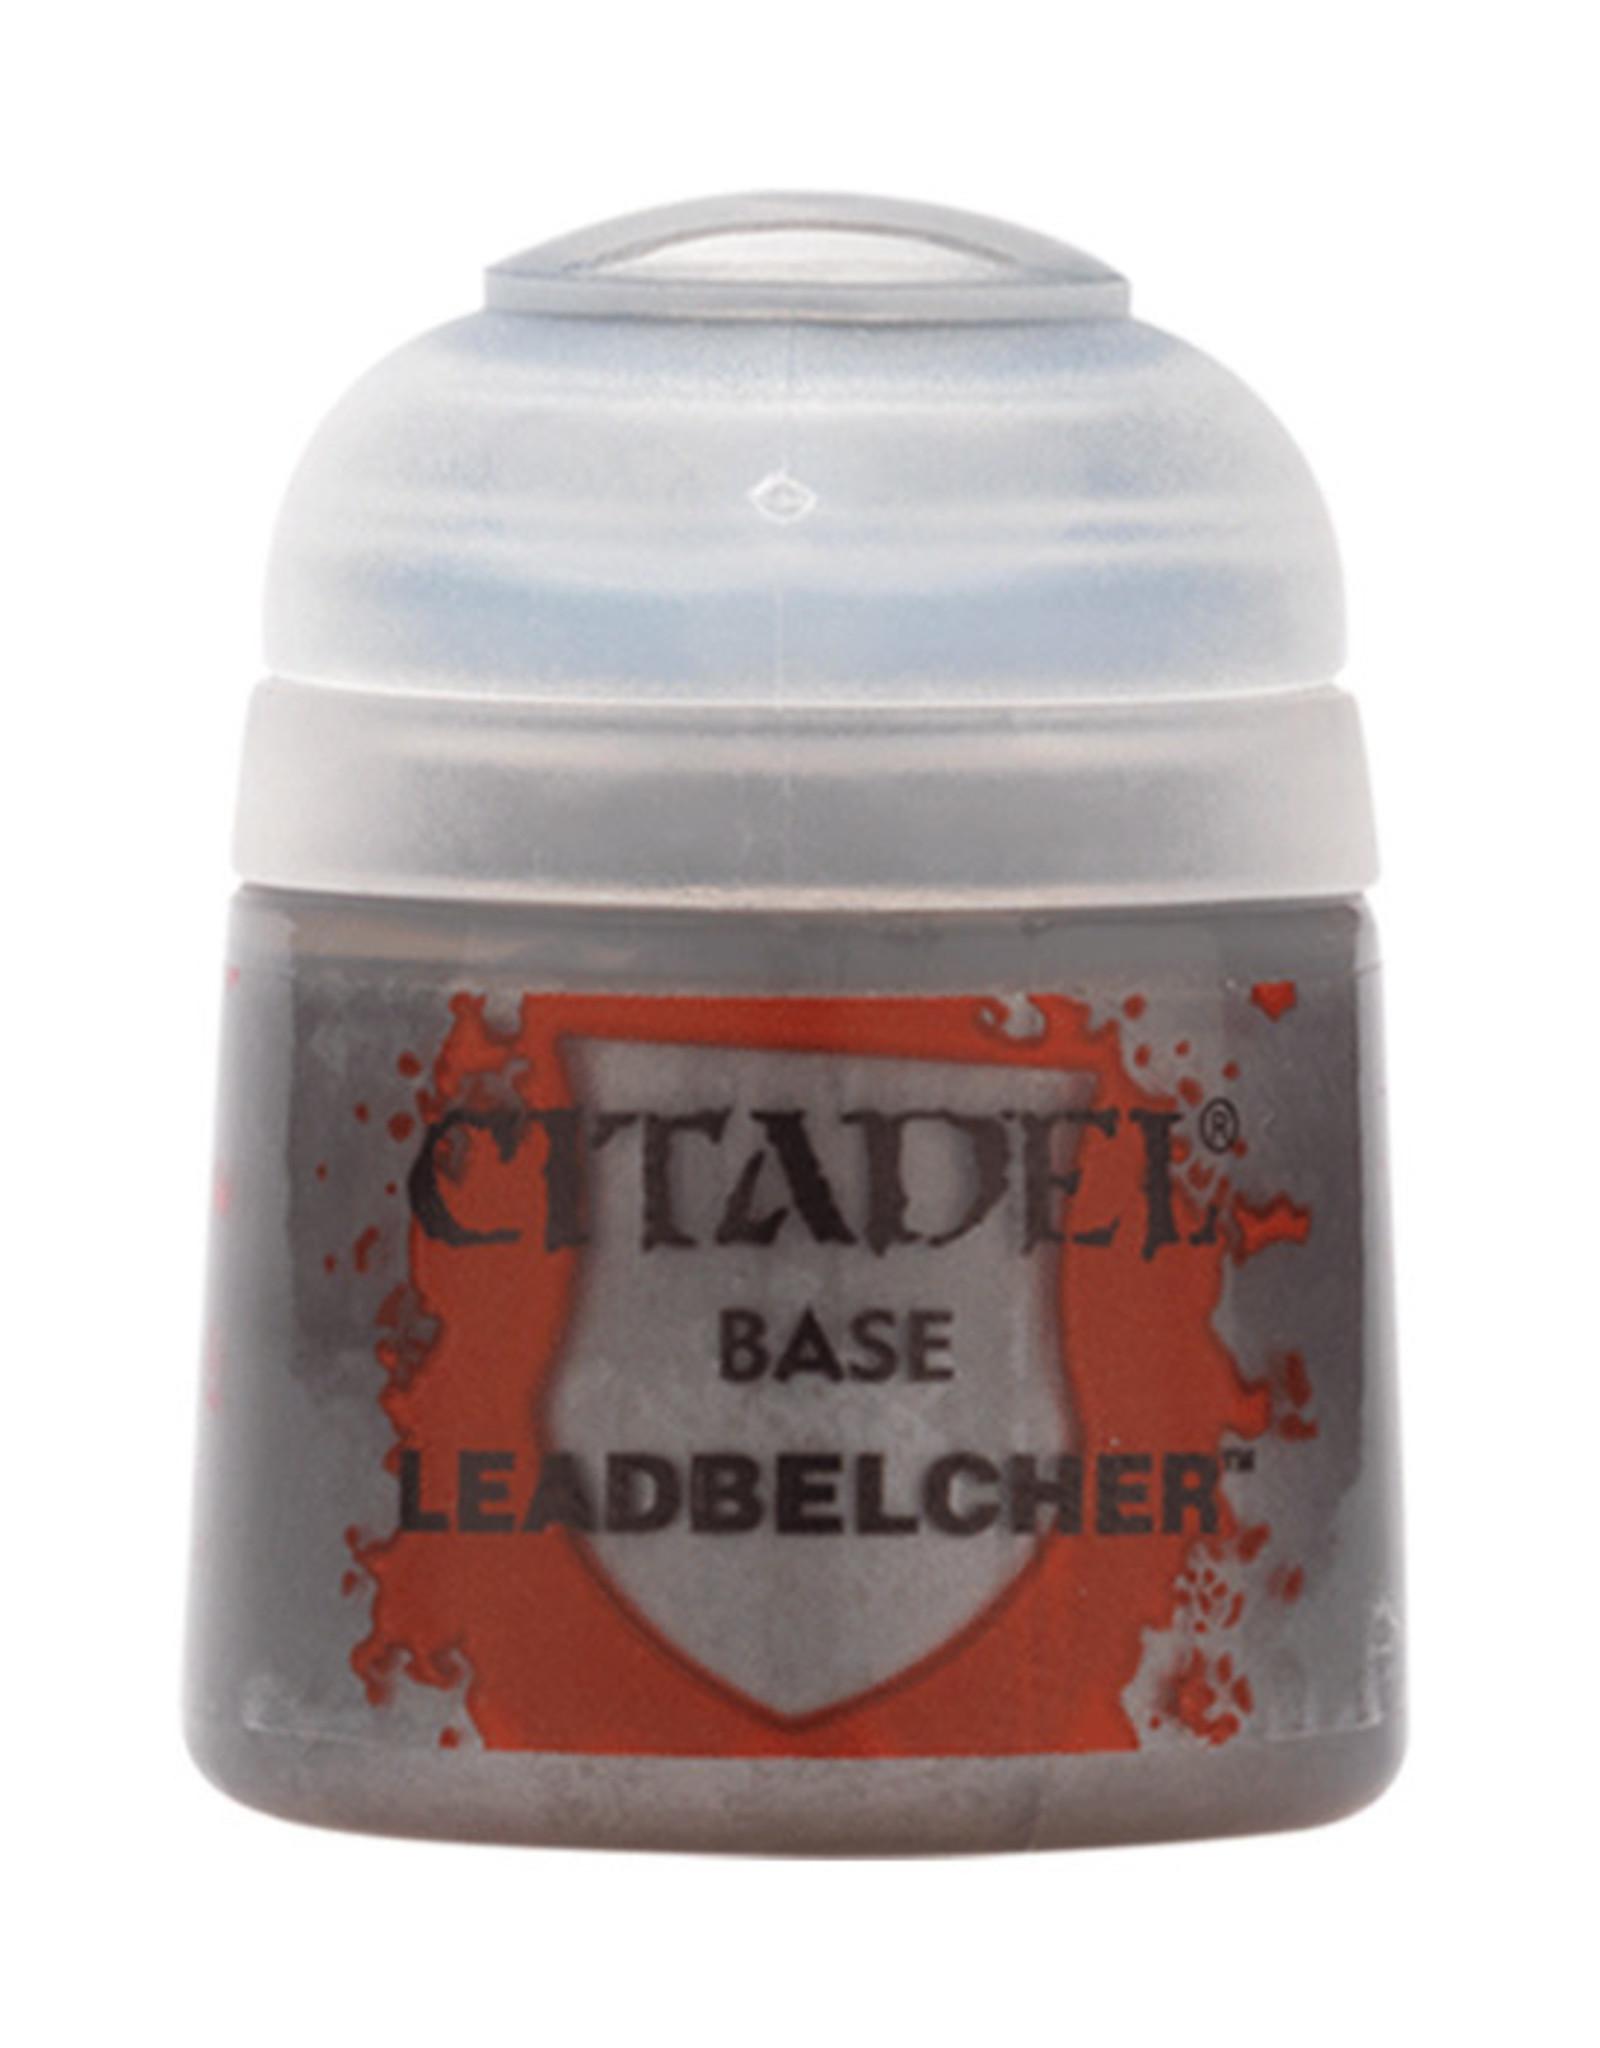 Citadel Citadel Colour: Base - Leadbelcher